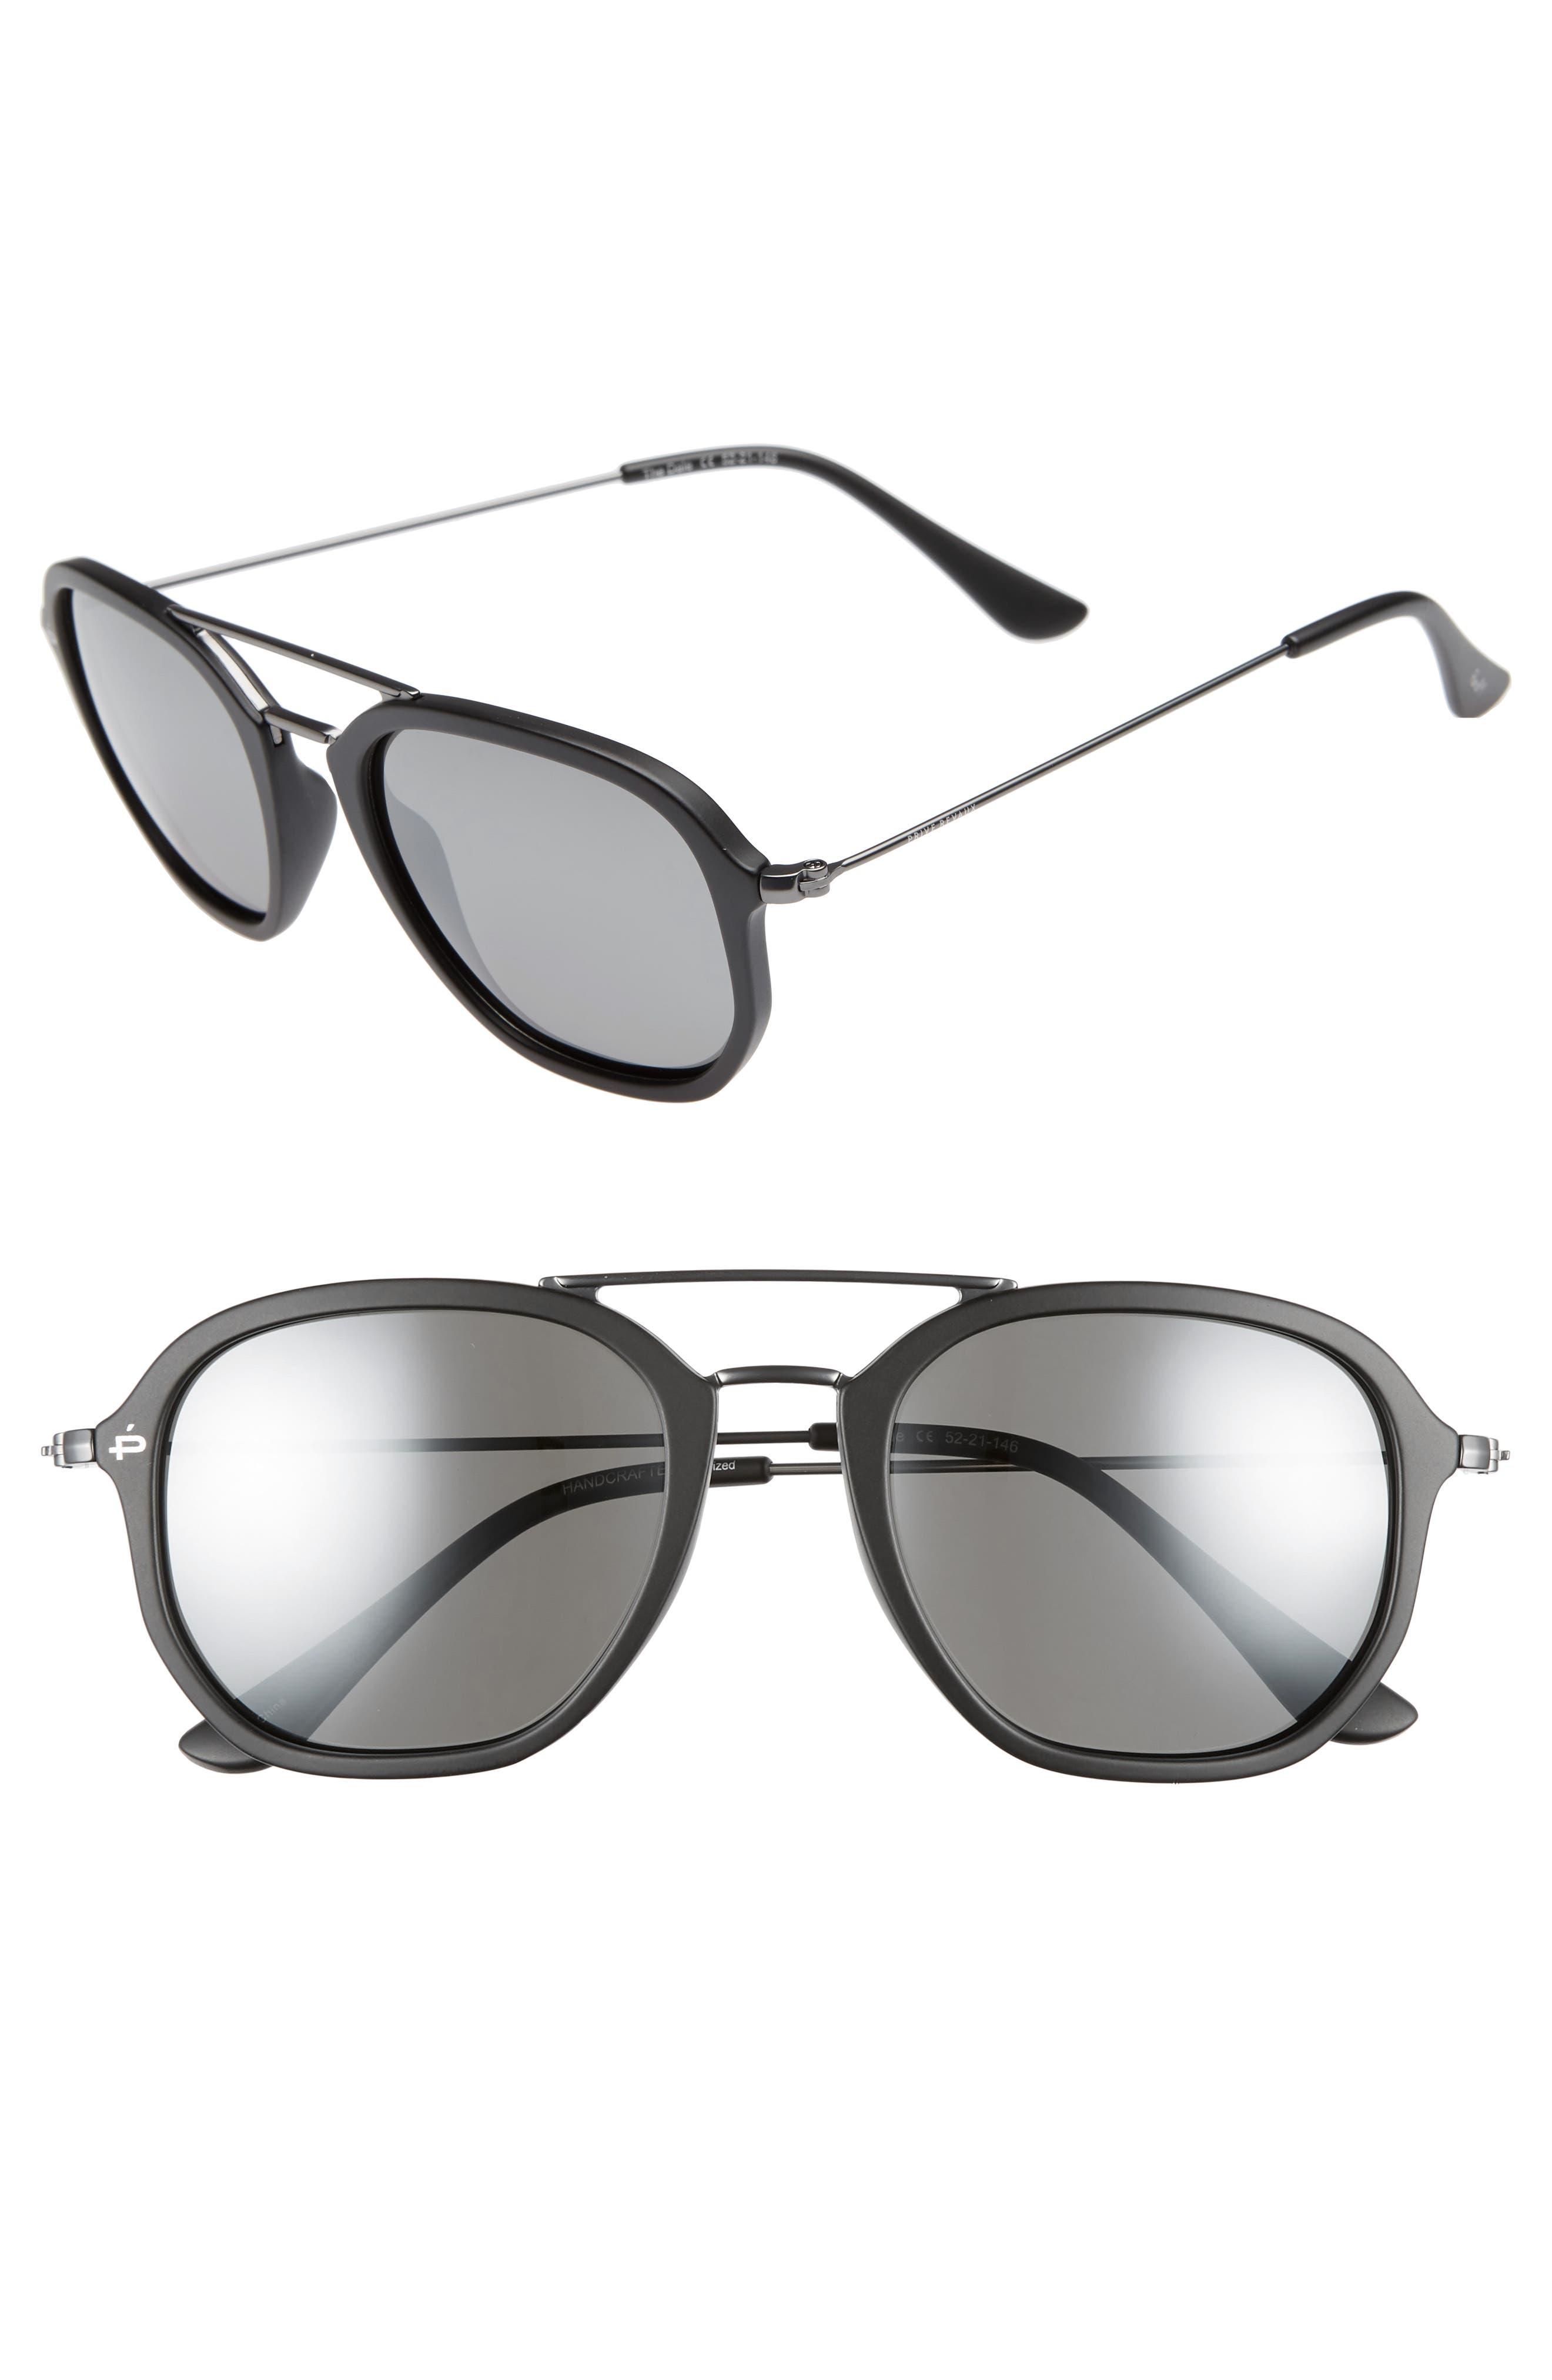 Privé Revaux The Dale Polarized 52mm Sunglasses,                         Main,                         color, 001